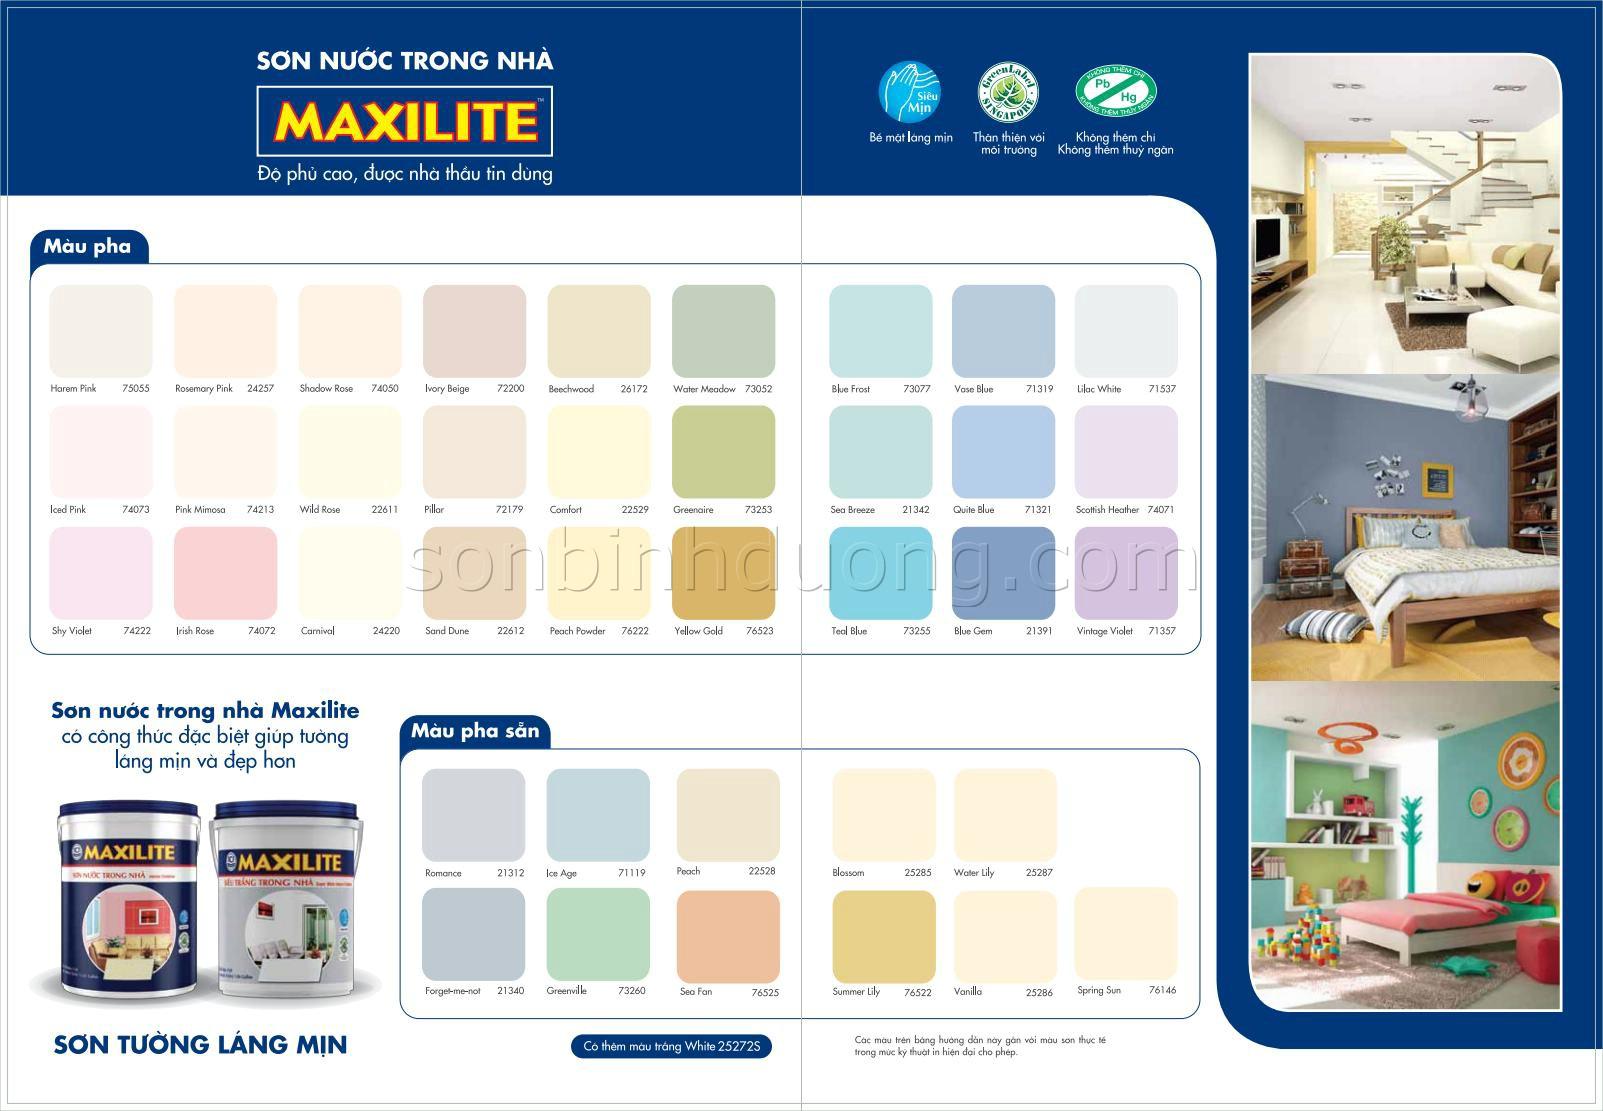 Xem hình đầy đủ MAXILITE Trong nhà 5L